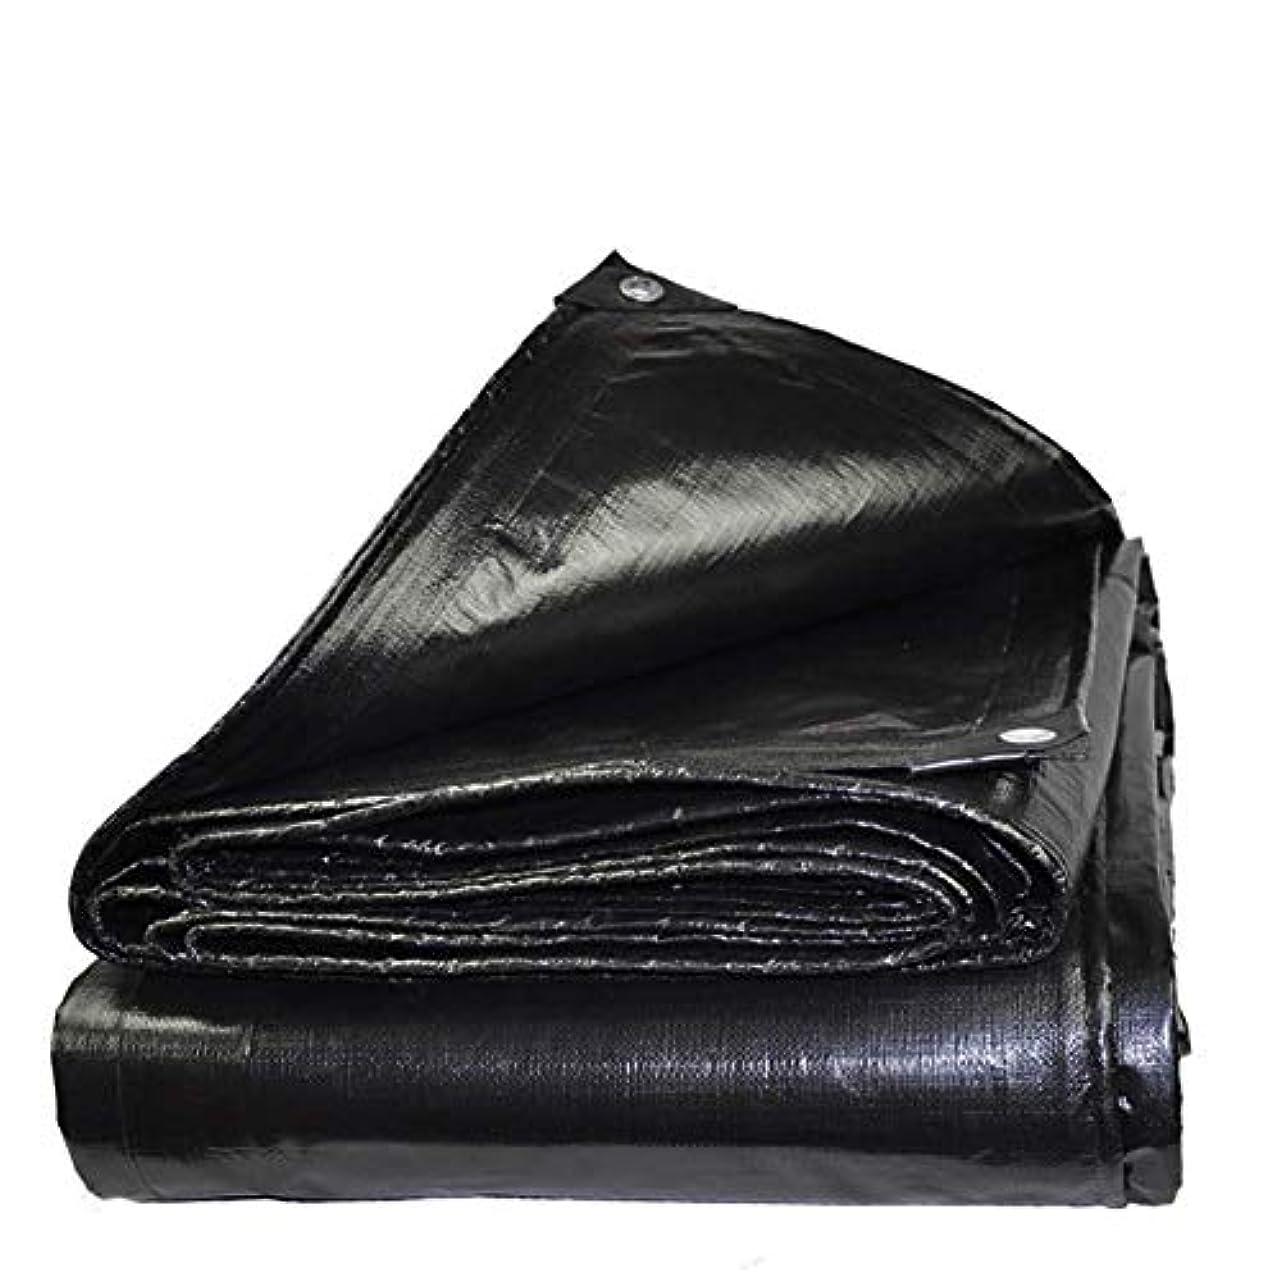 偏心環境保護主義者東方QING MEI 防水キャンバス10トン野菜小屋屋外キャンバス防水布、厚いトラックキャノピー断熱シェード22サイズ(カラー:ブラック) (Size : 1.5X2m)